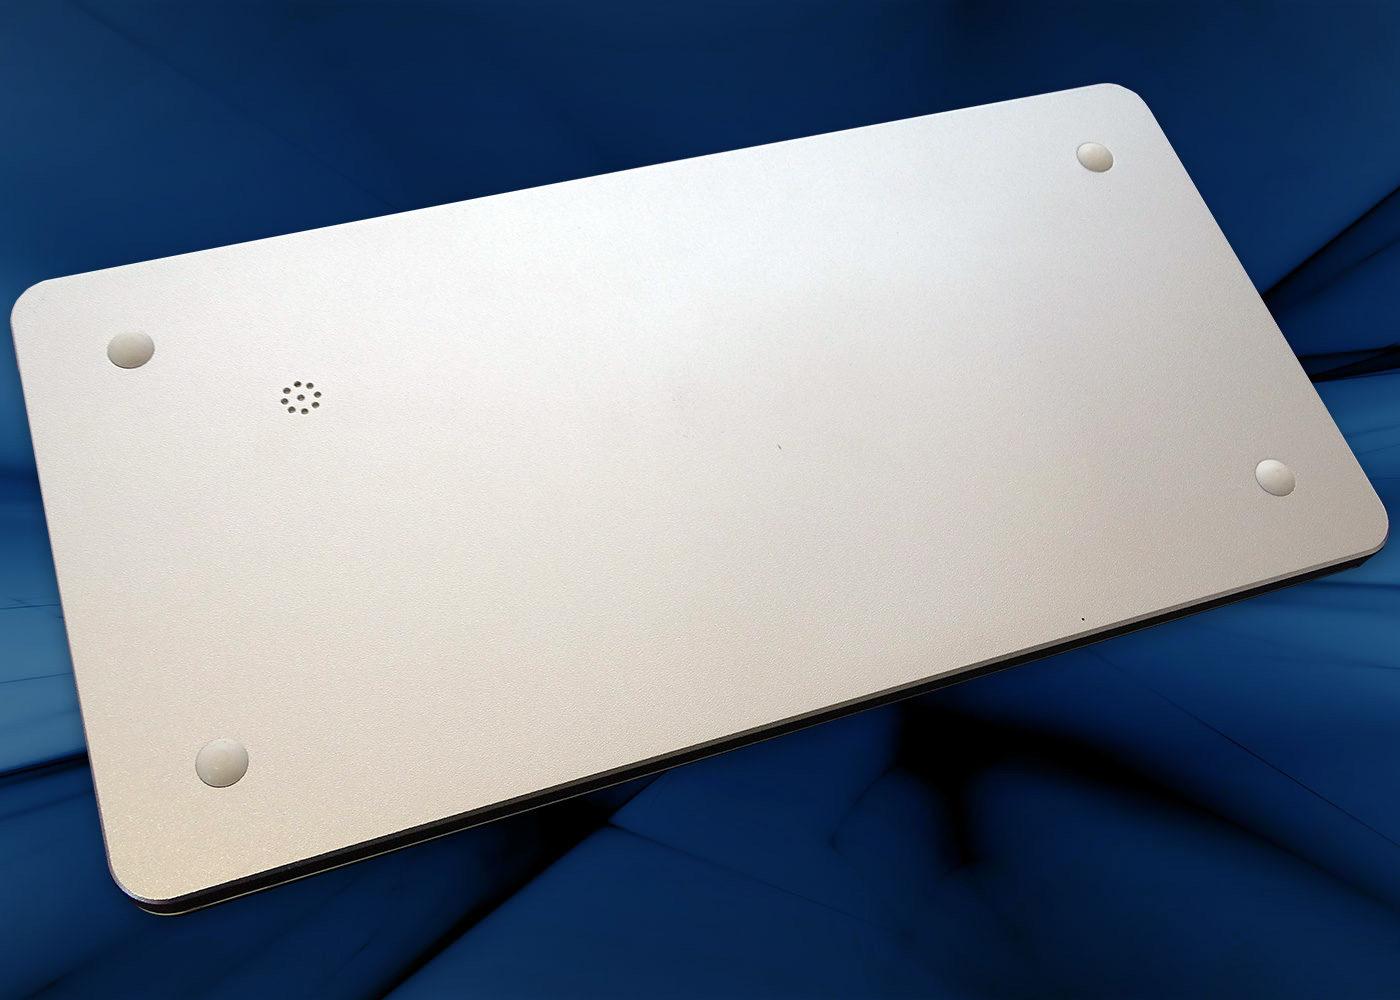 Bastron® B45-Mini – Seulement 10 mm d'épaisseur